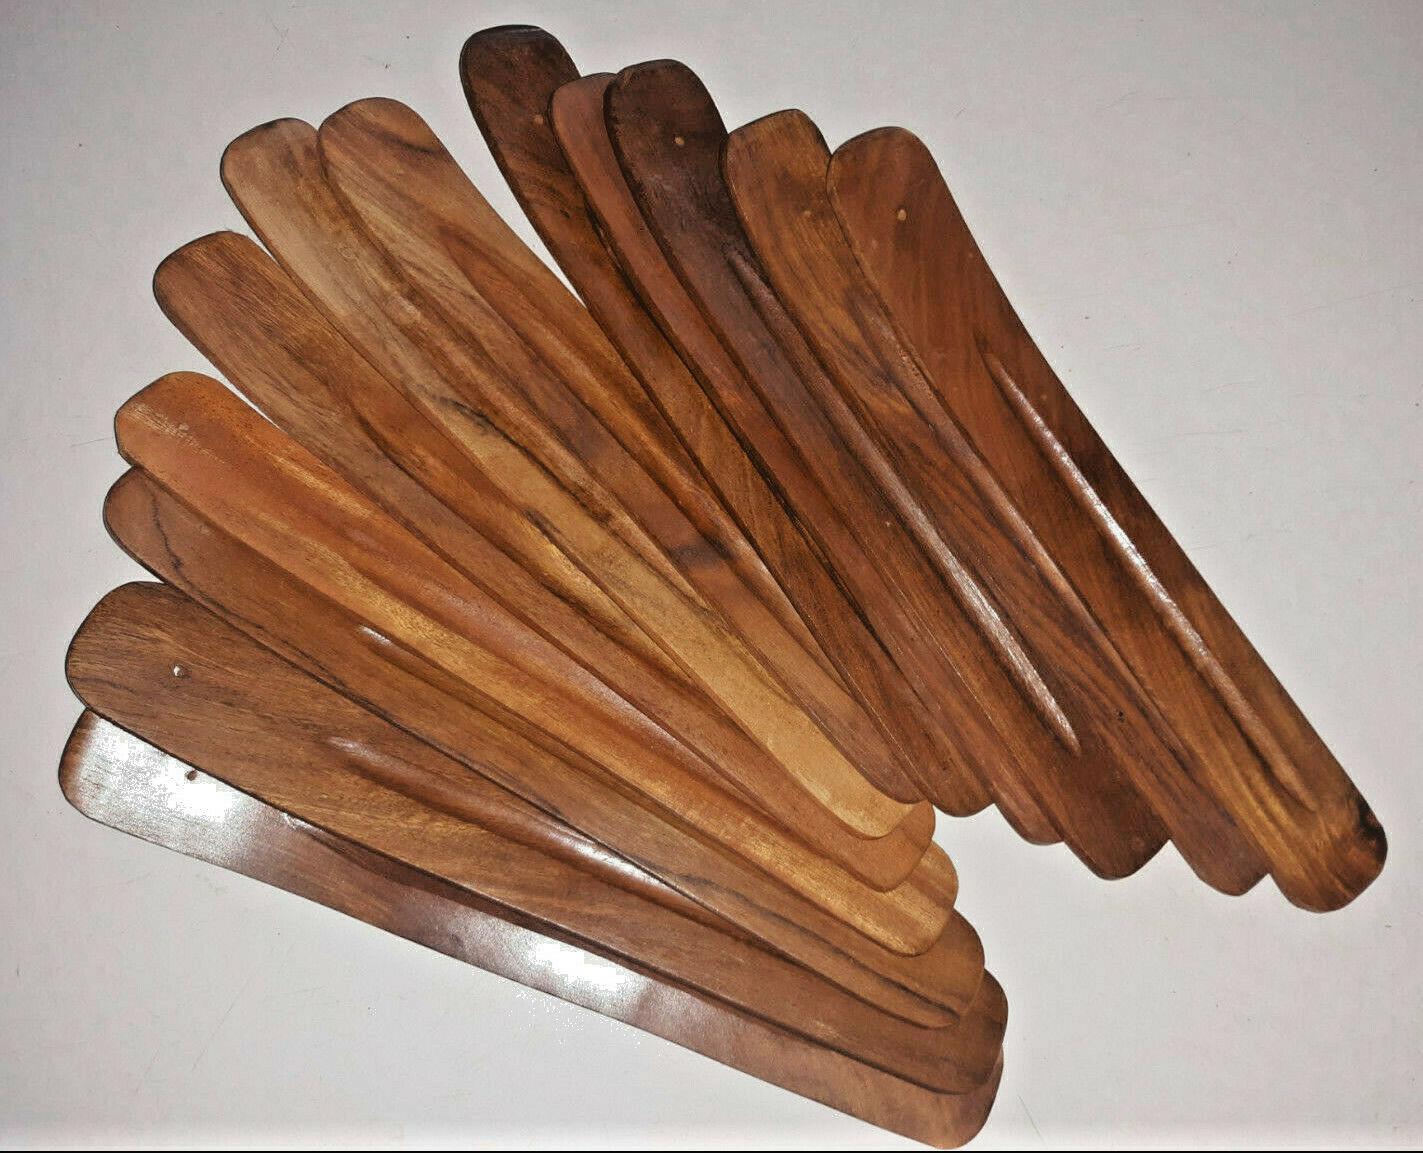 2pcs Incense Stick Holder Creative Decorative Incense Holder Incense Burner For Sale Online Ebay